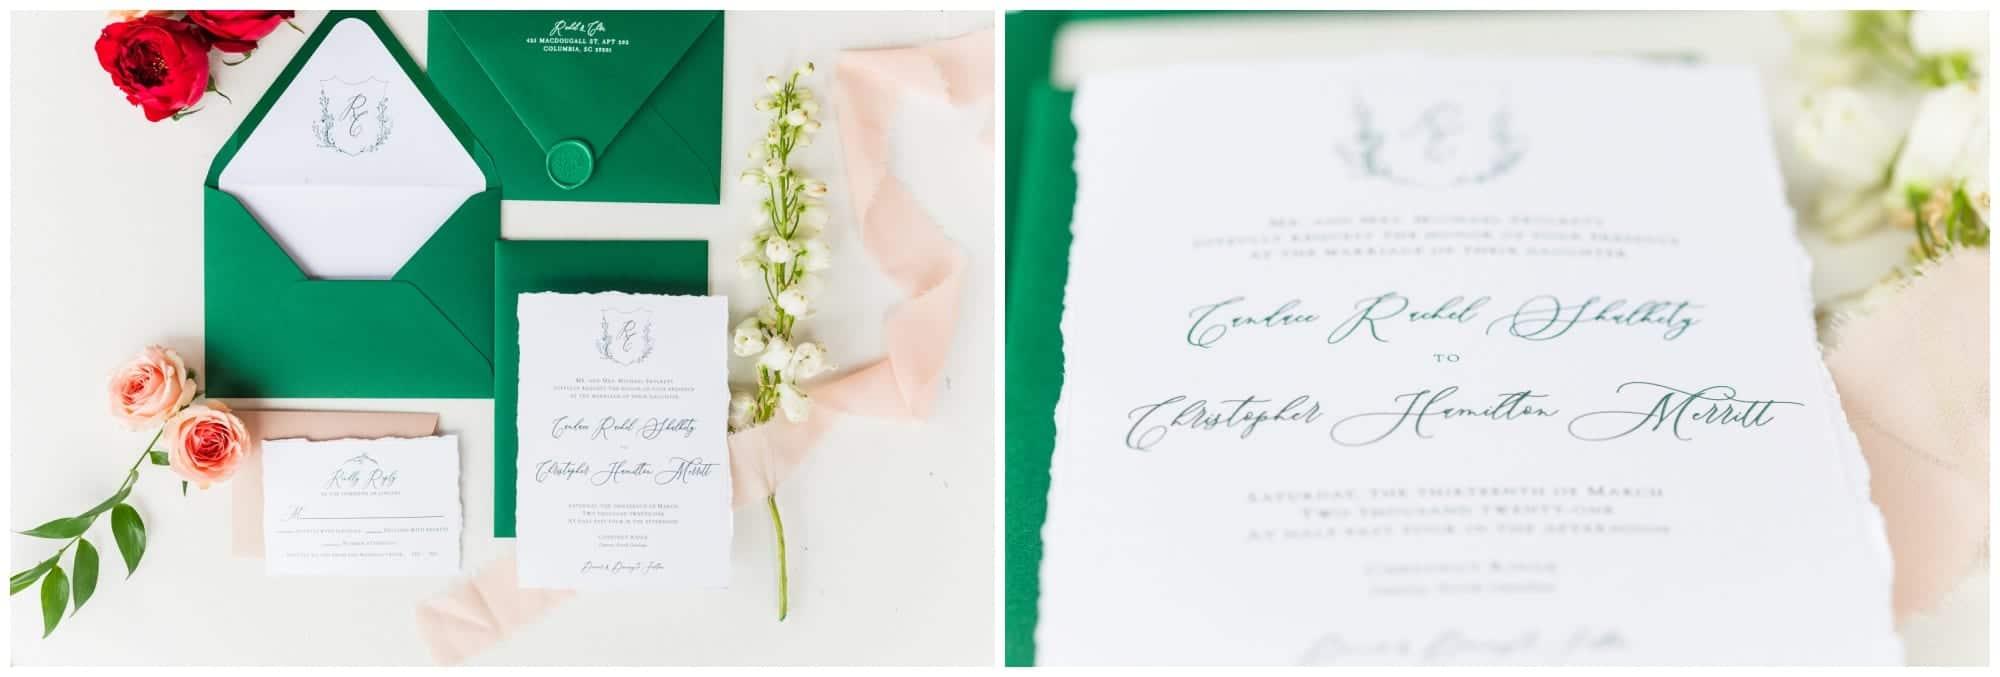 Invitation-Suite-Photos